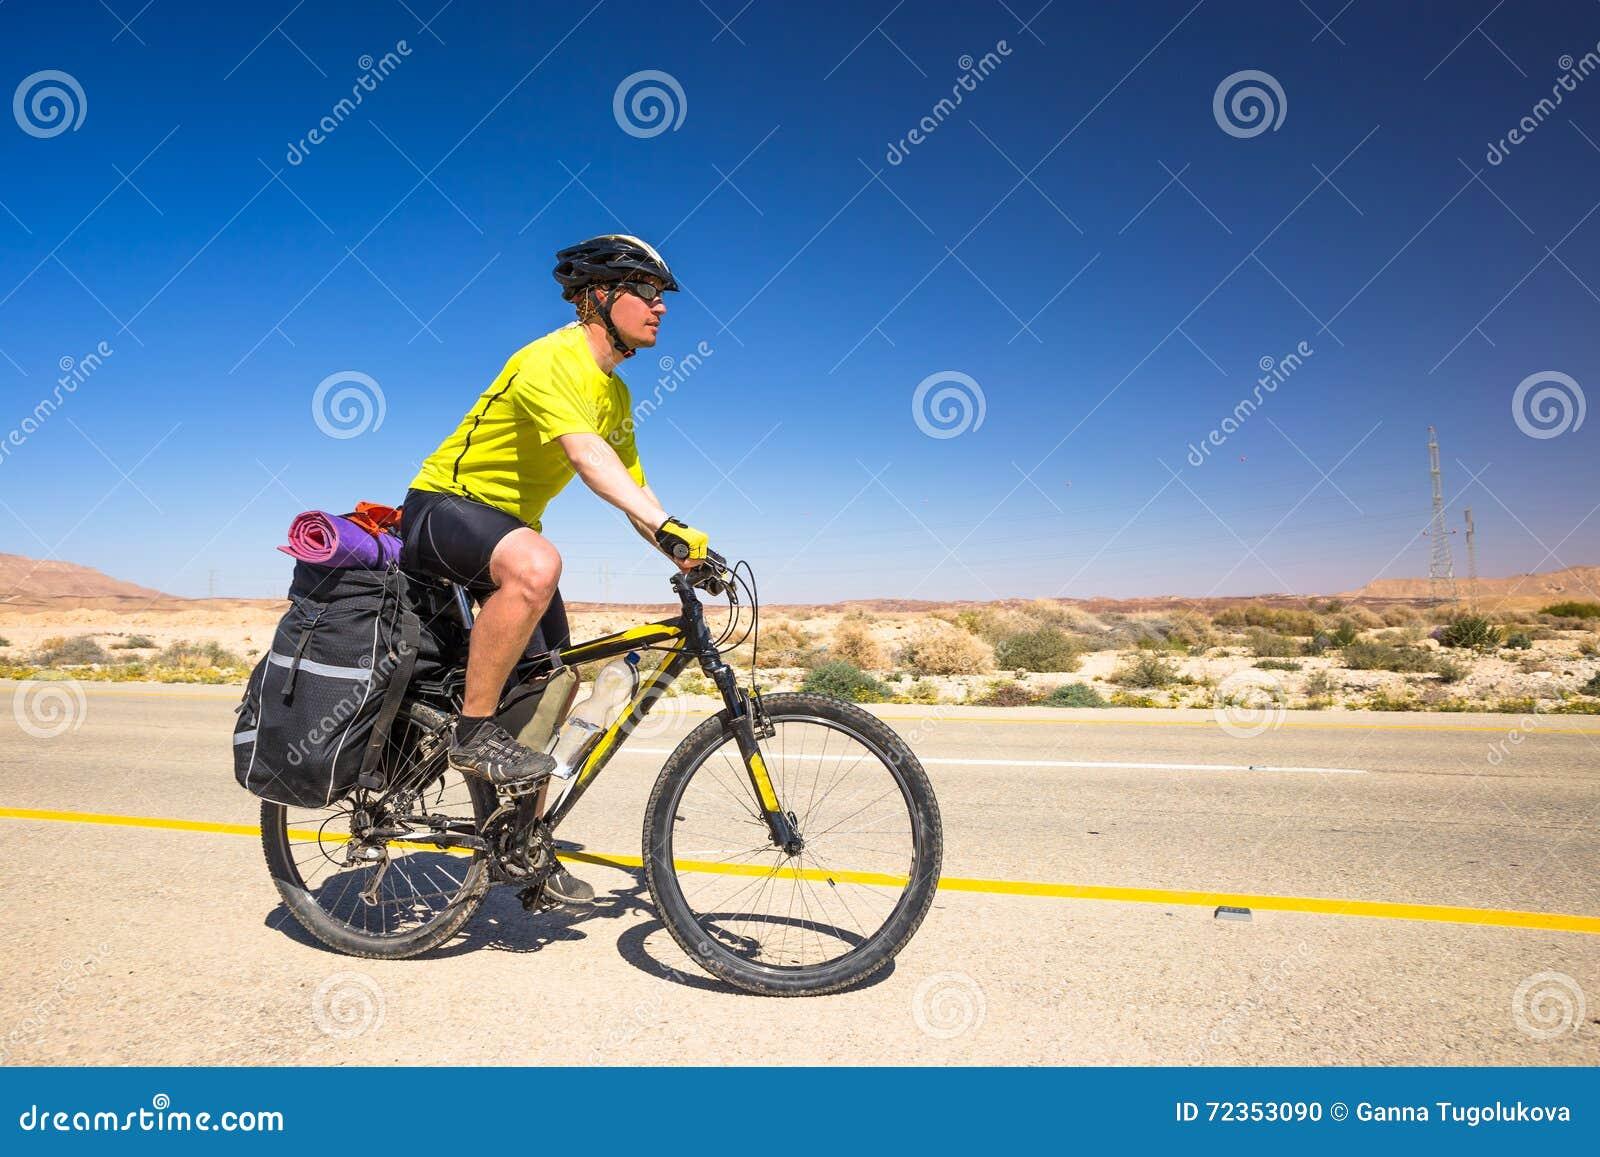 愉快的骑自行车的人在美丽的路放松在以色列沙漠 晴朗的热的天